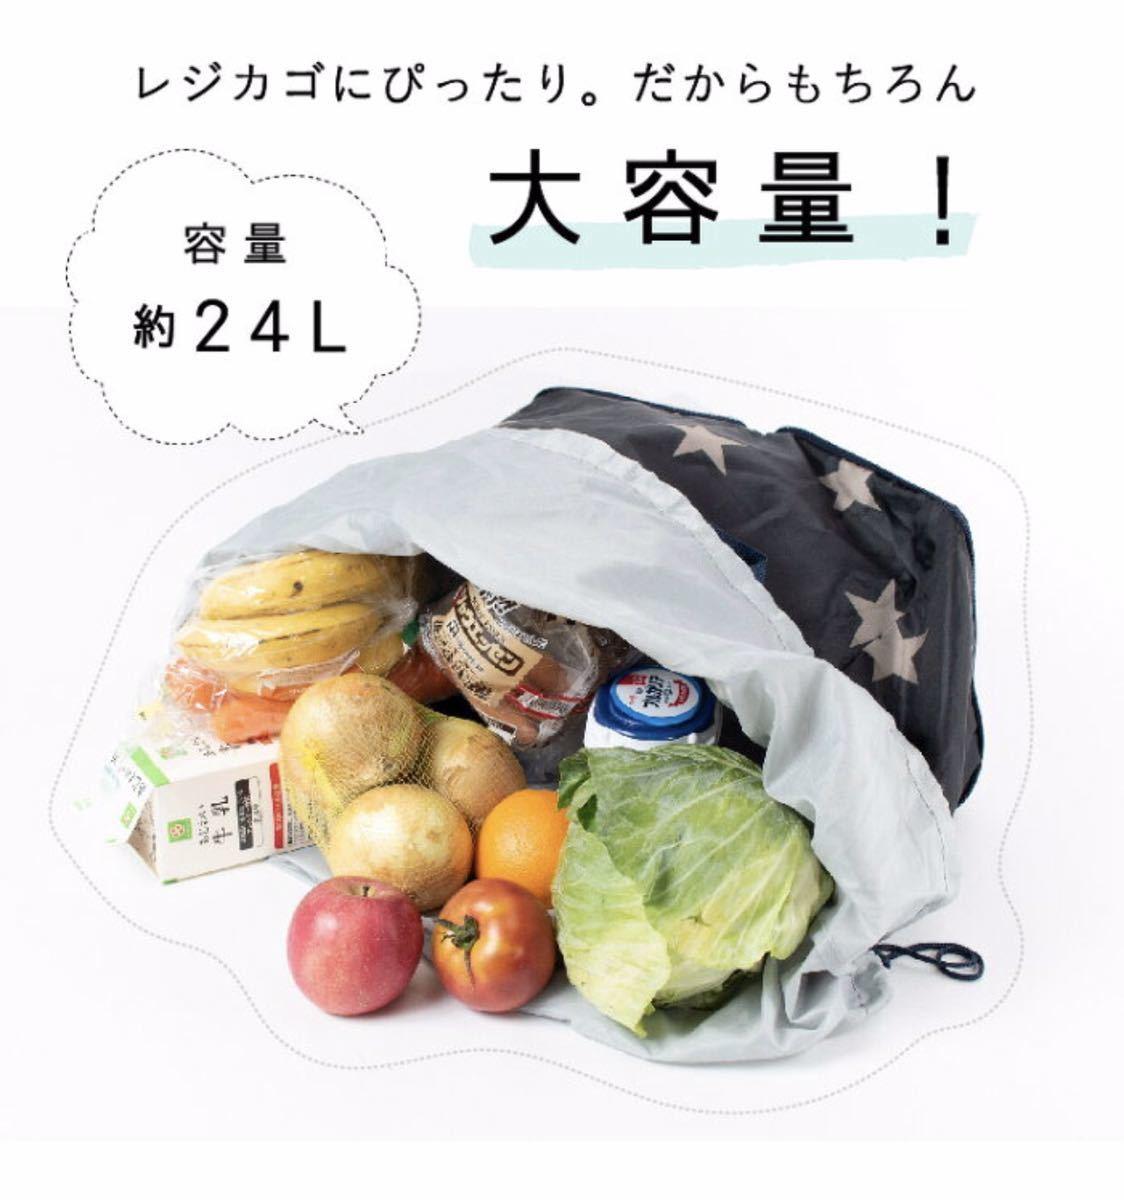 大容量保冷 保温レジかごバッグ エコバッグ レジカゴバッグ 折り畳みバッグ 在庫限り